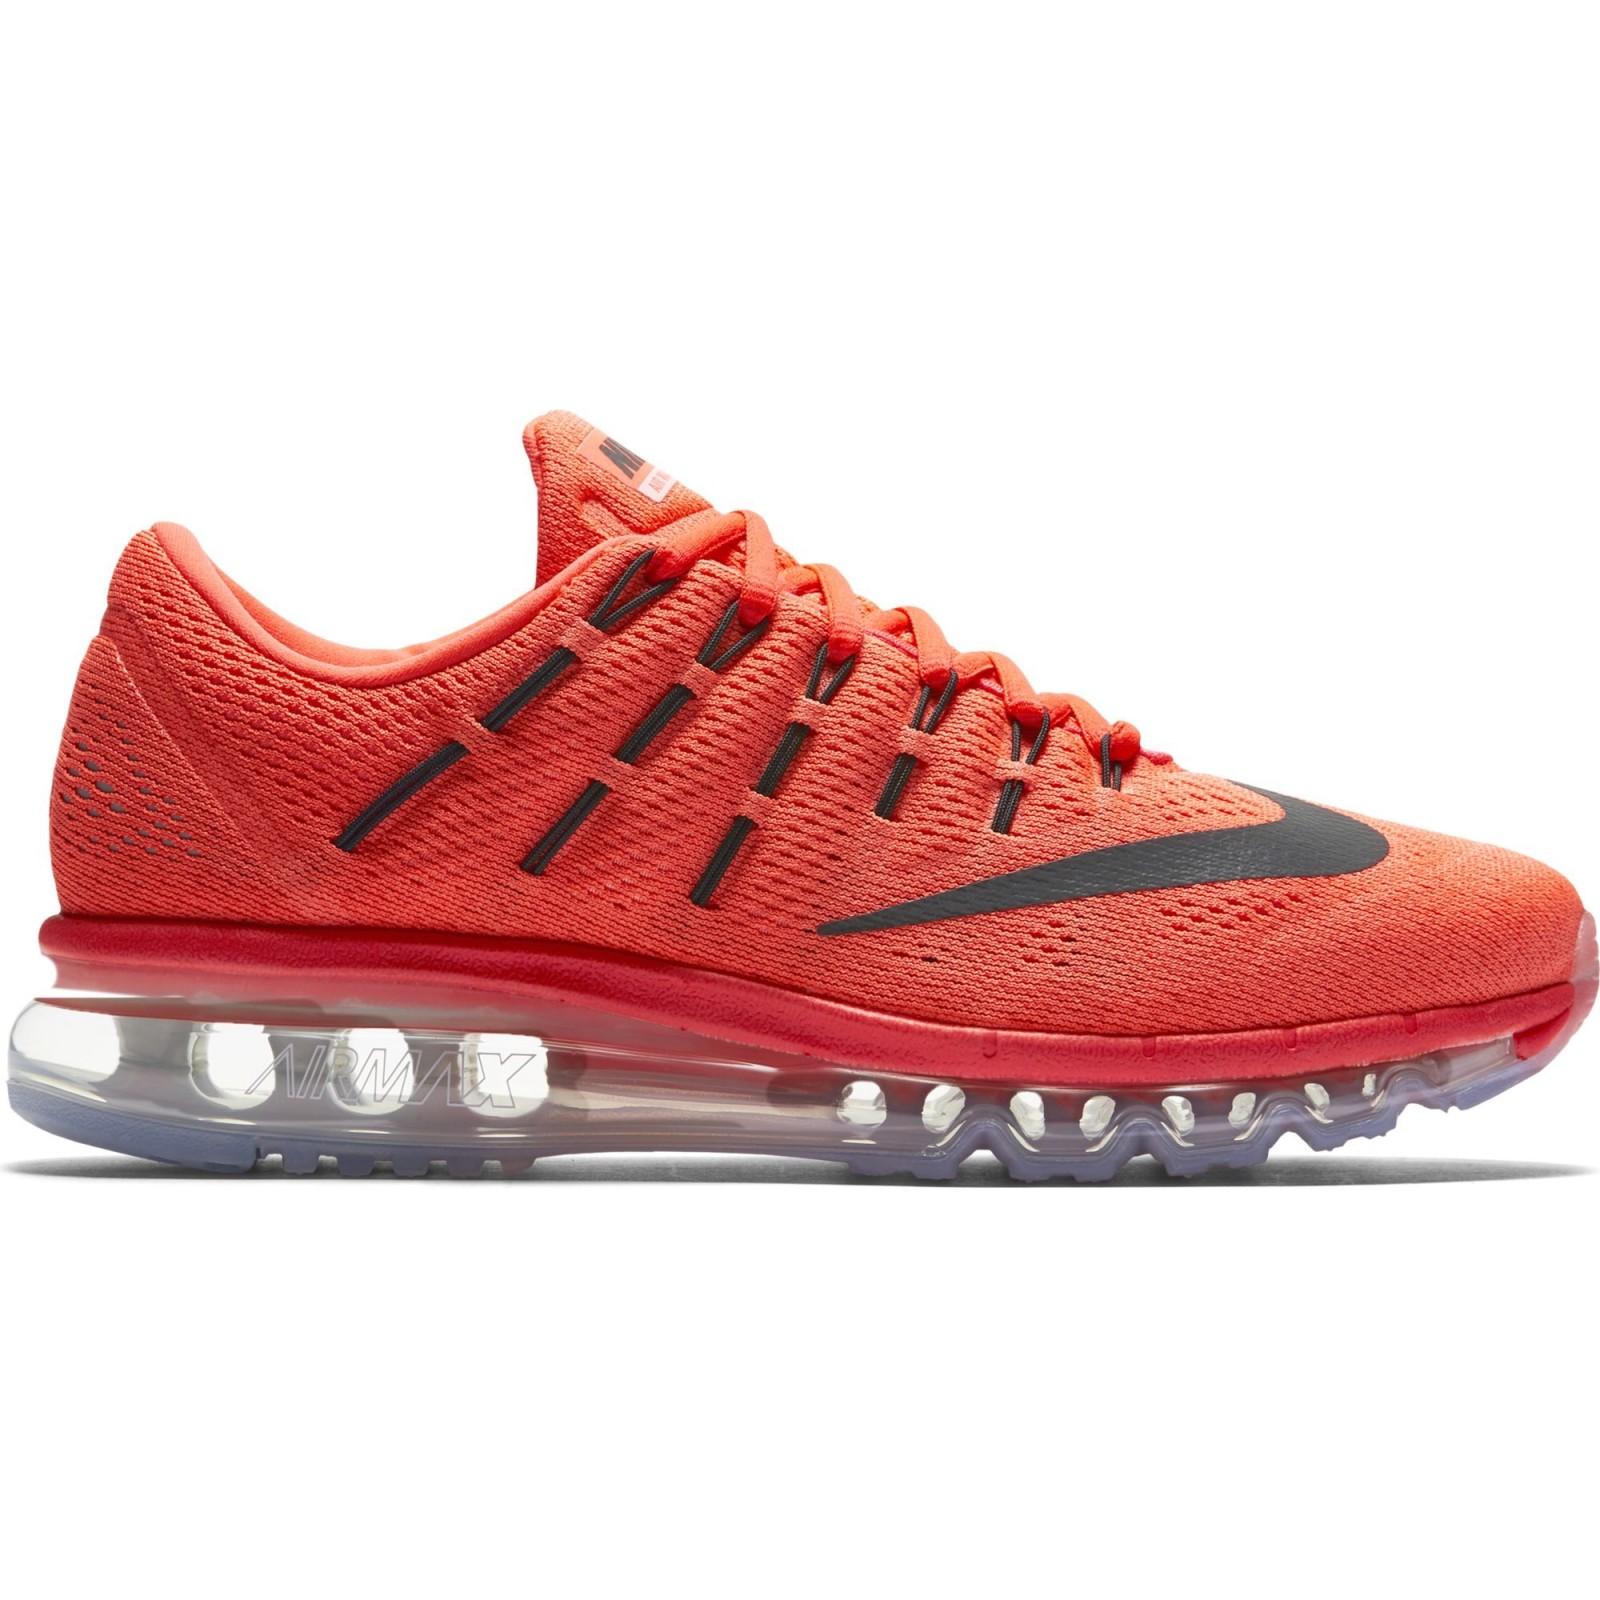 Dámské boty Nike WMNS AIR MAX 2016 červené  954113a0ac